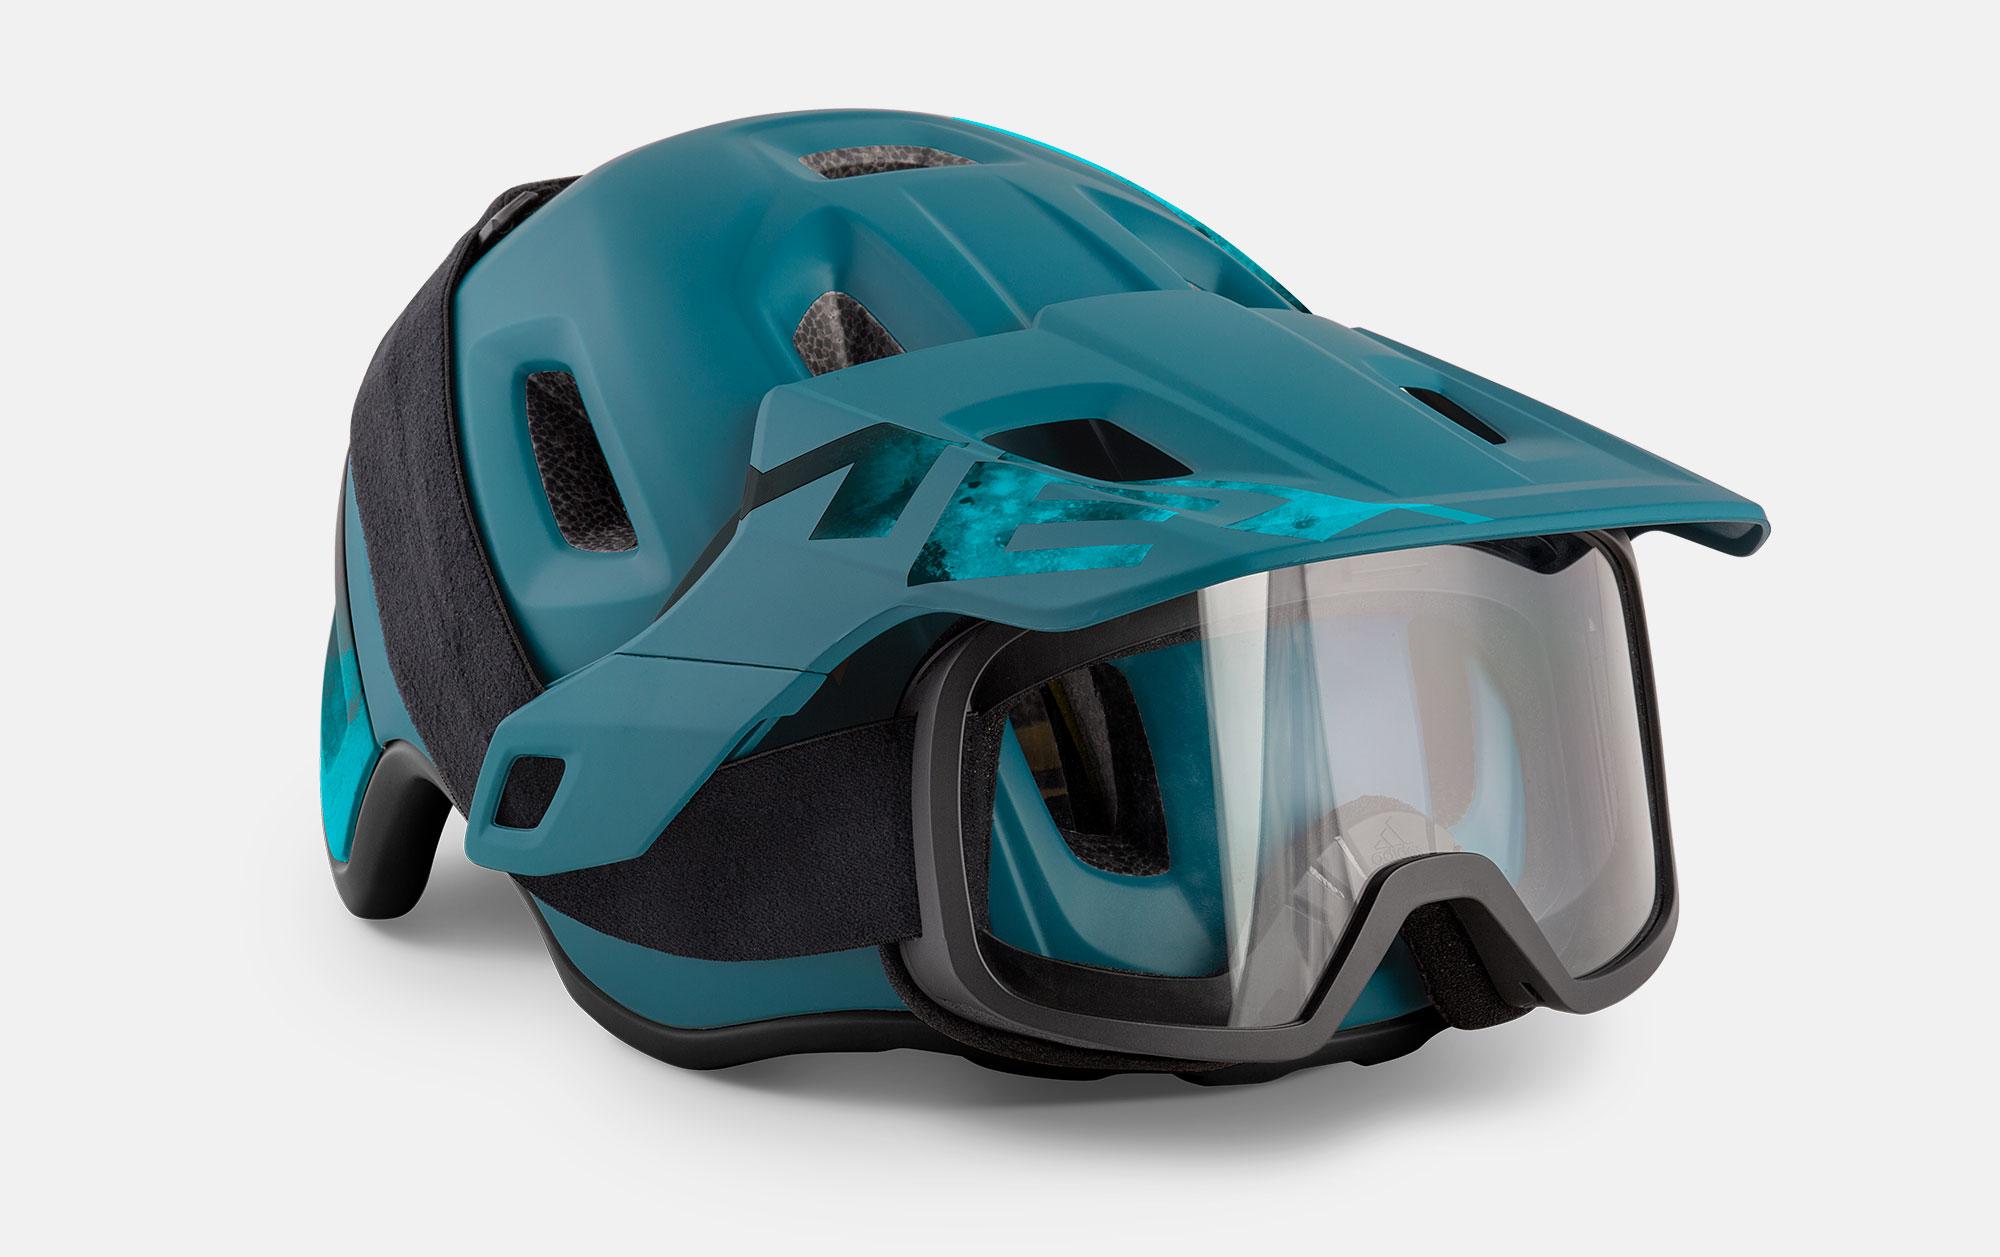 MET Roam Mips Enduro, Trail and E-MTB Helmet Adjustable Visor